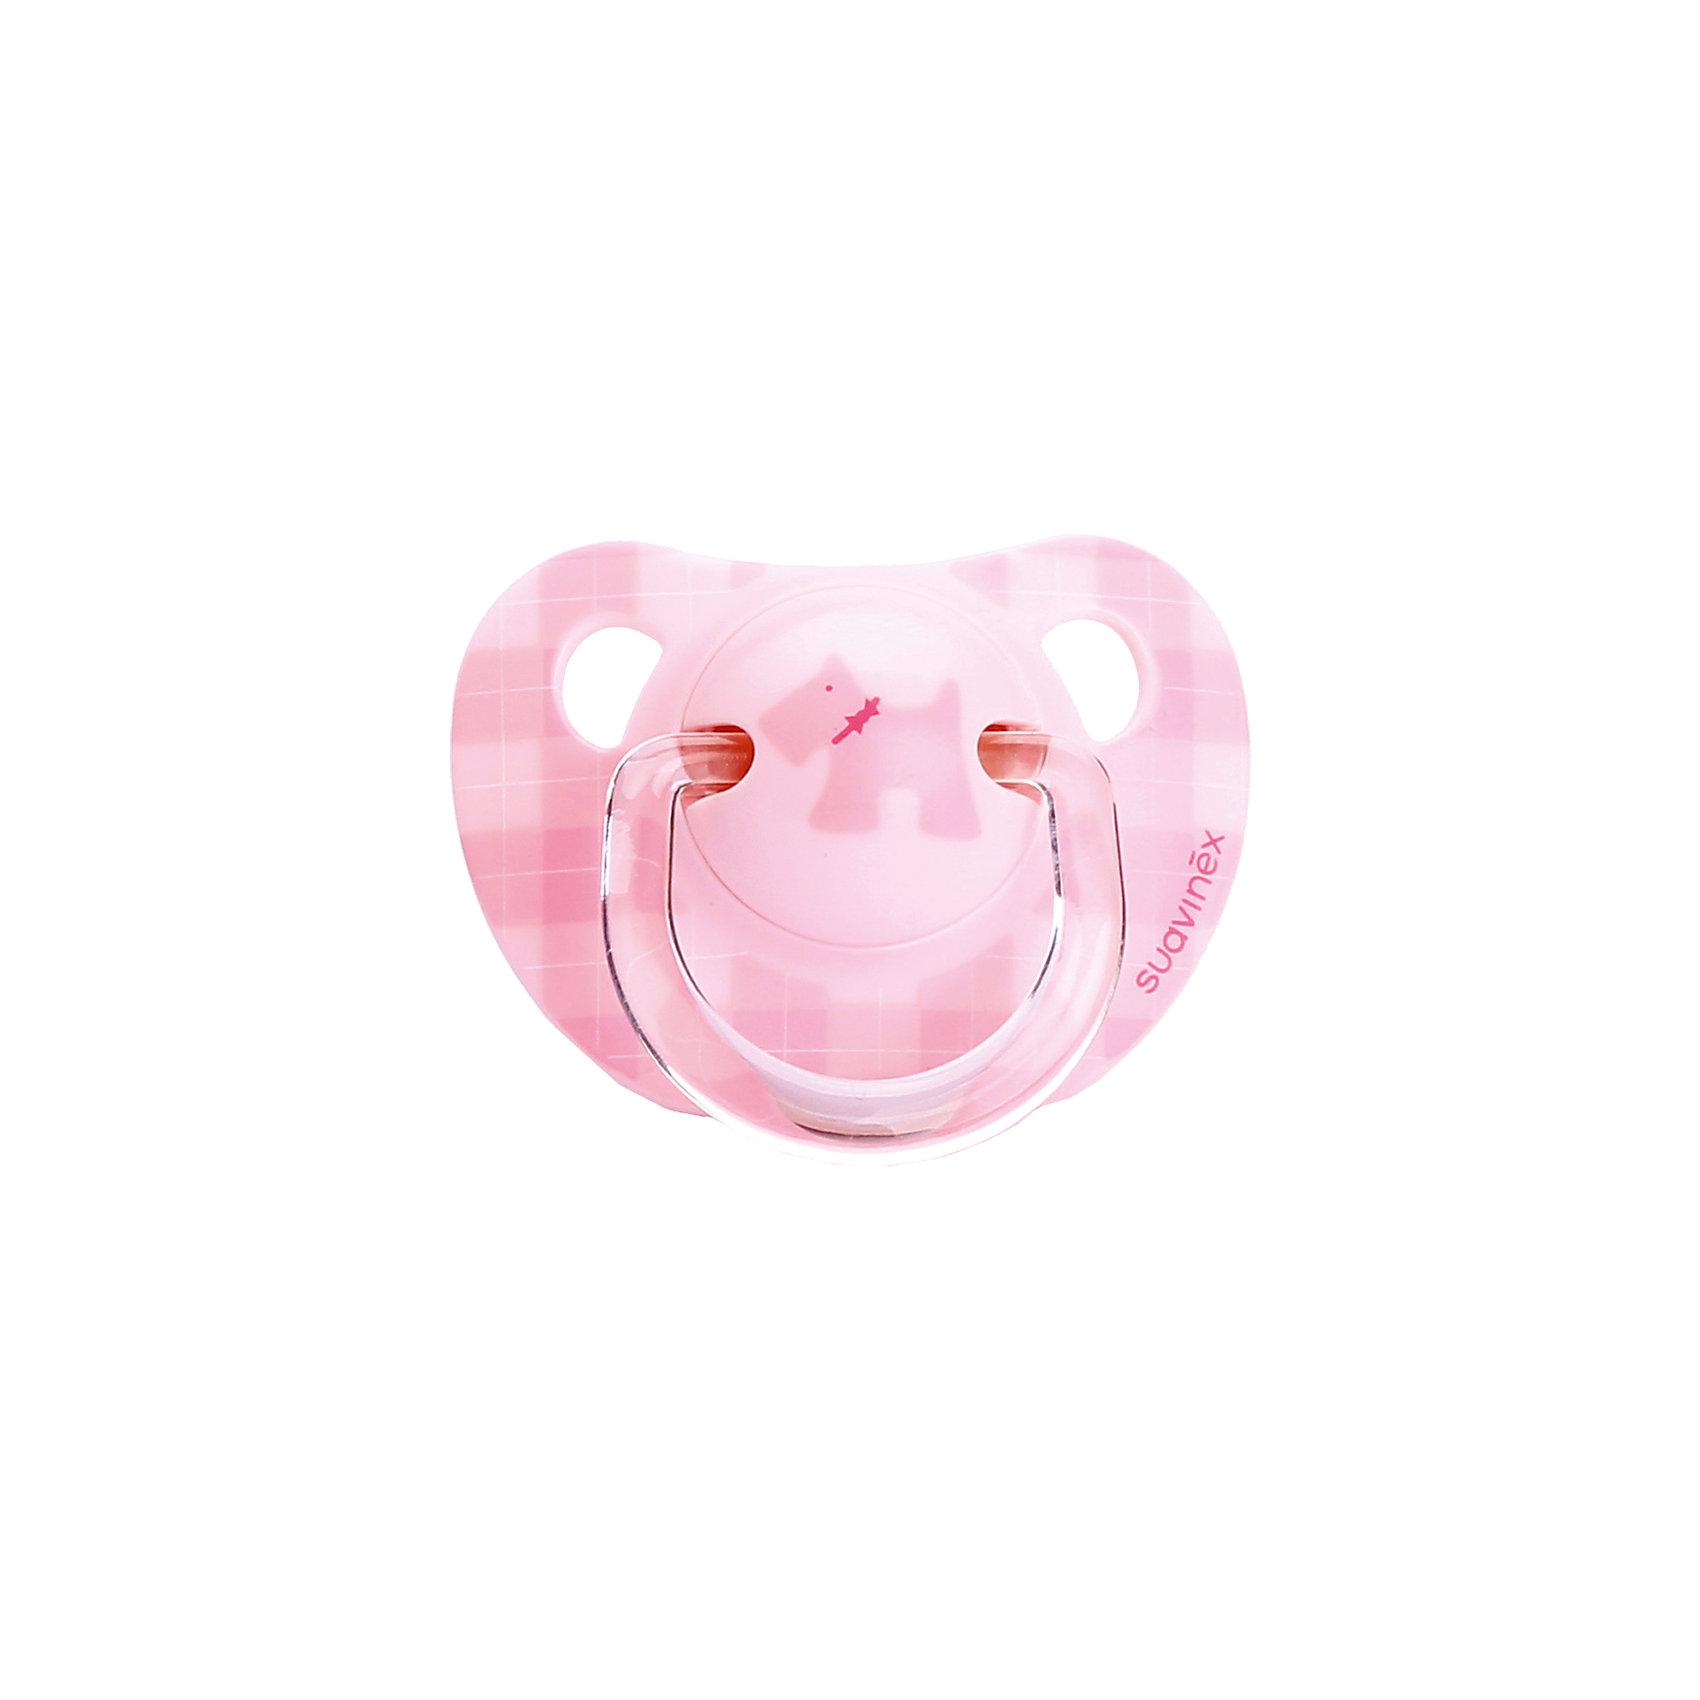 Пустышка силиконовая SCOTTISH, 0-6 мес., Suavinex, розовый